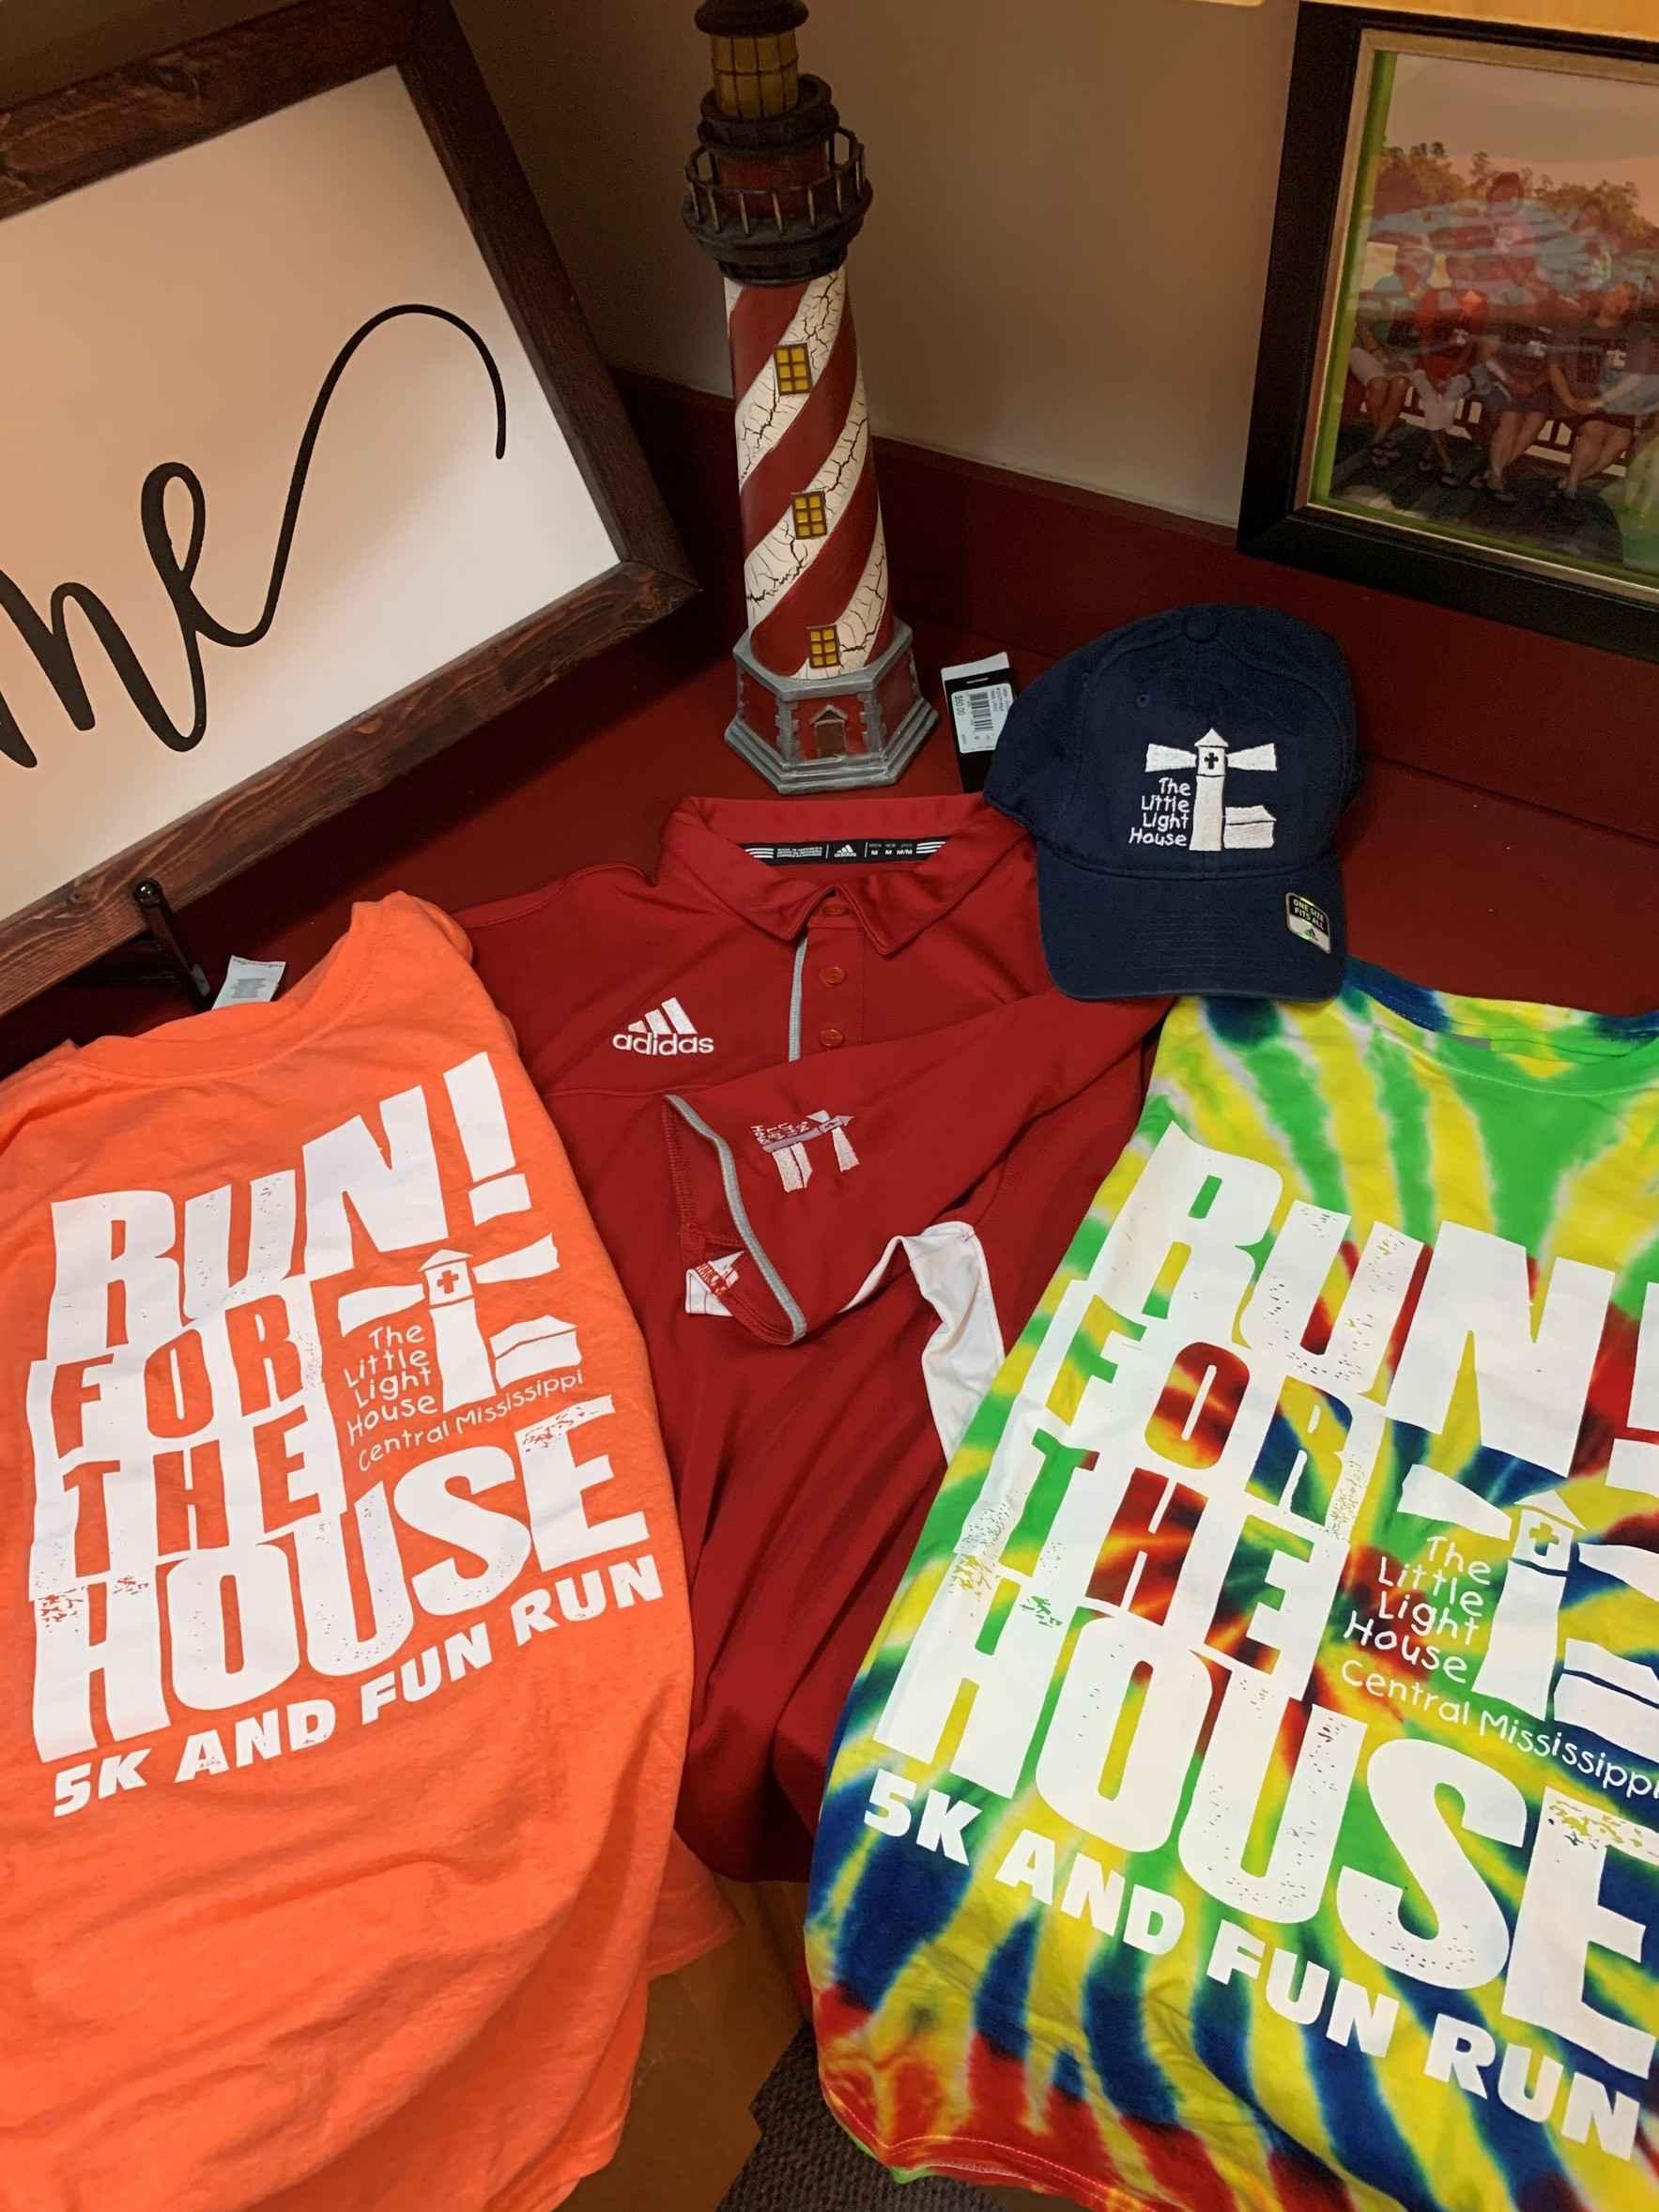 Little Light House Shop image